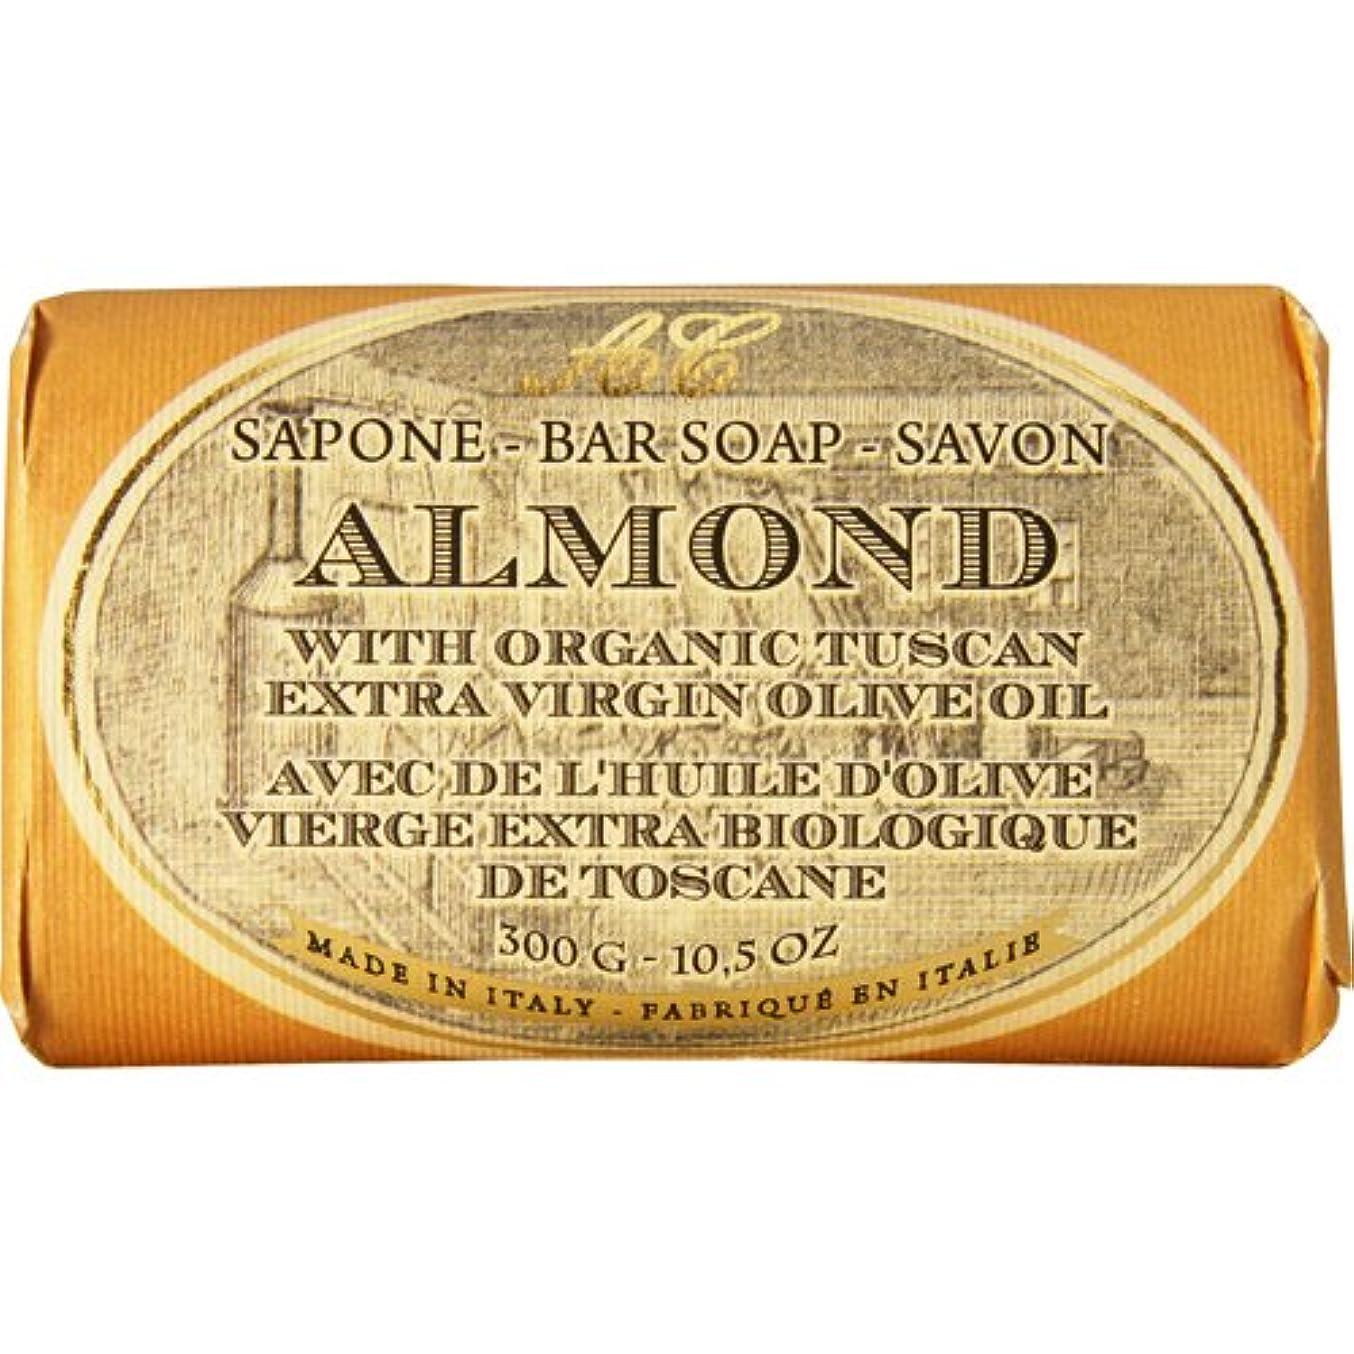 許容月曜日戦いSaponerire Fissi レトロシリーズ Bar Soap バーソープ 300g Almond アーモンドオイル